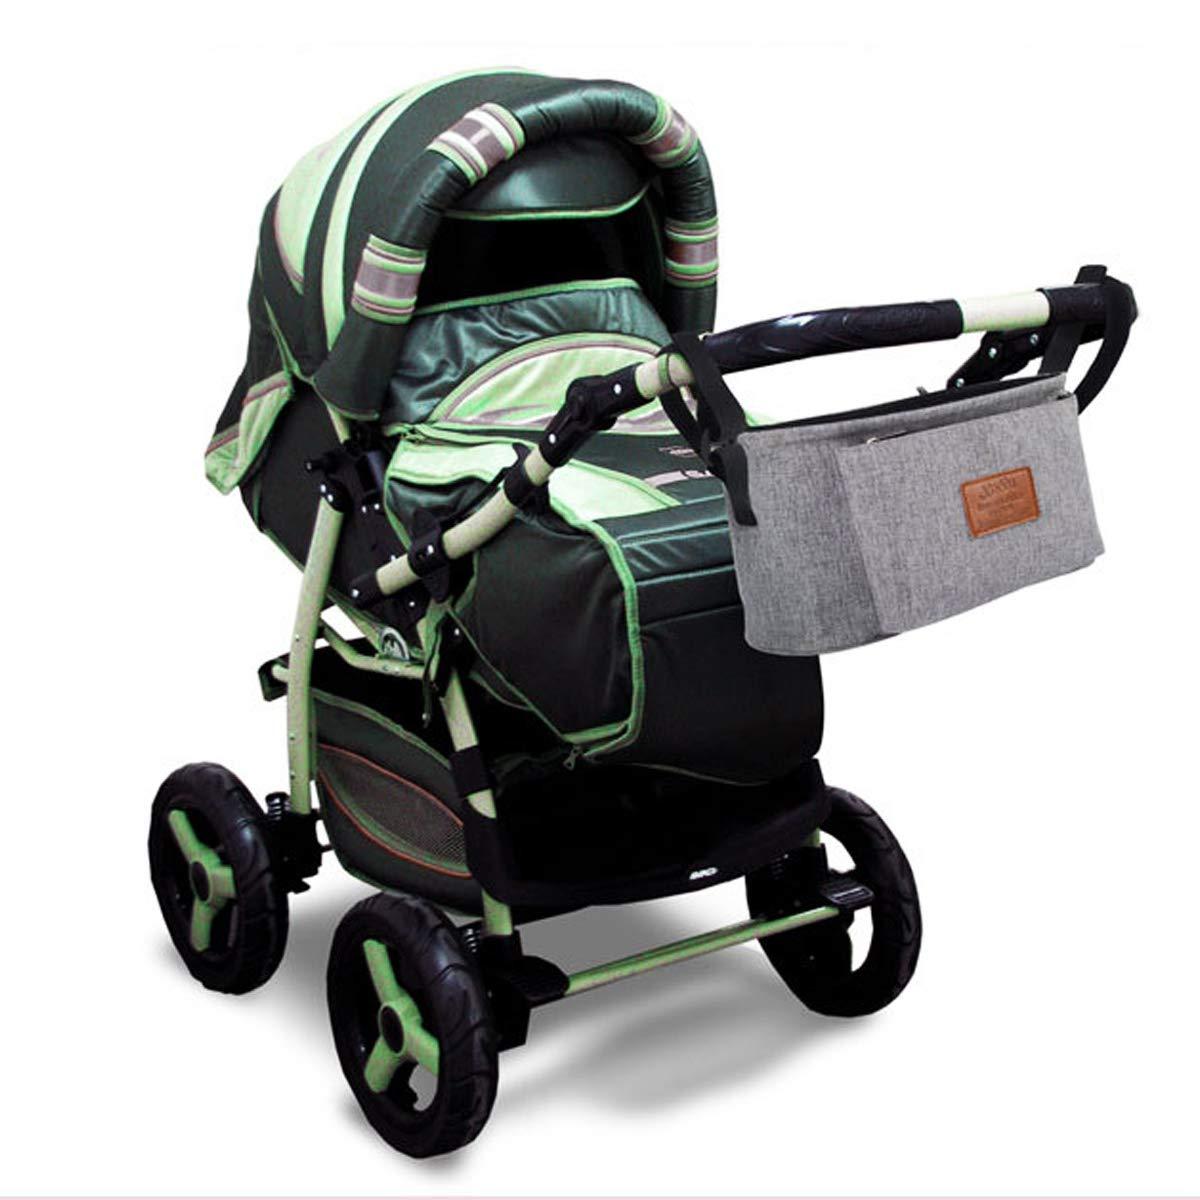 WOVELOT Baby Stroller Pram Pushchair Travel Organizer Storage Bag Bottle Diaper Holder Gray